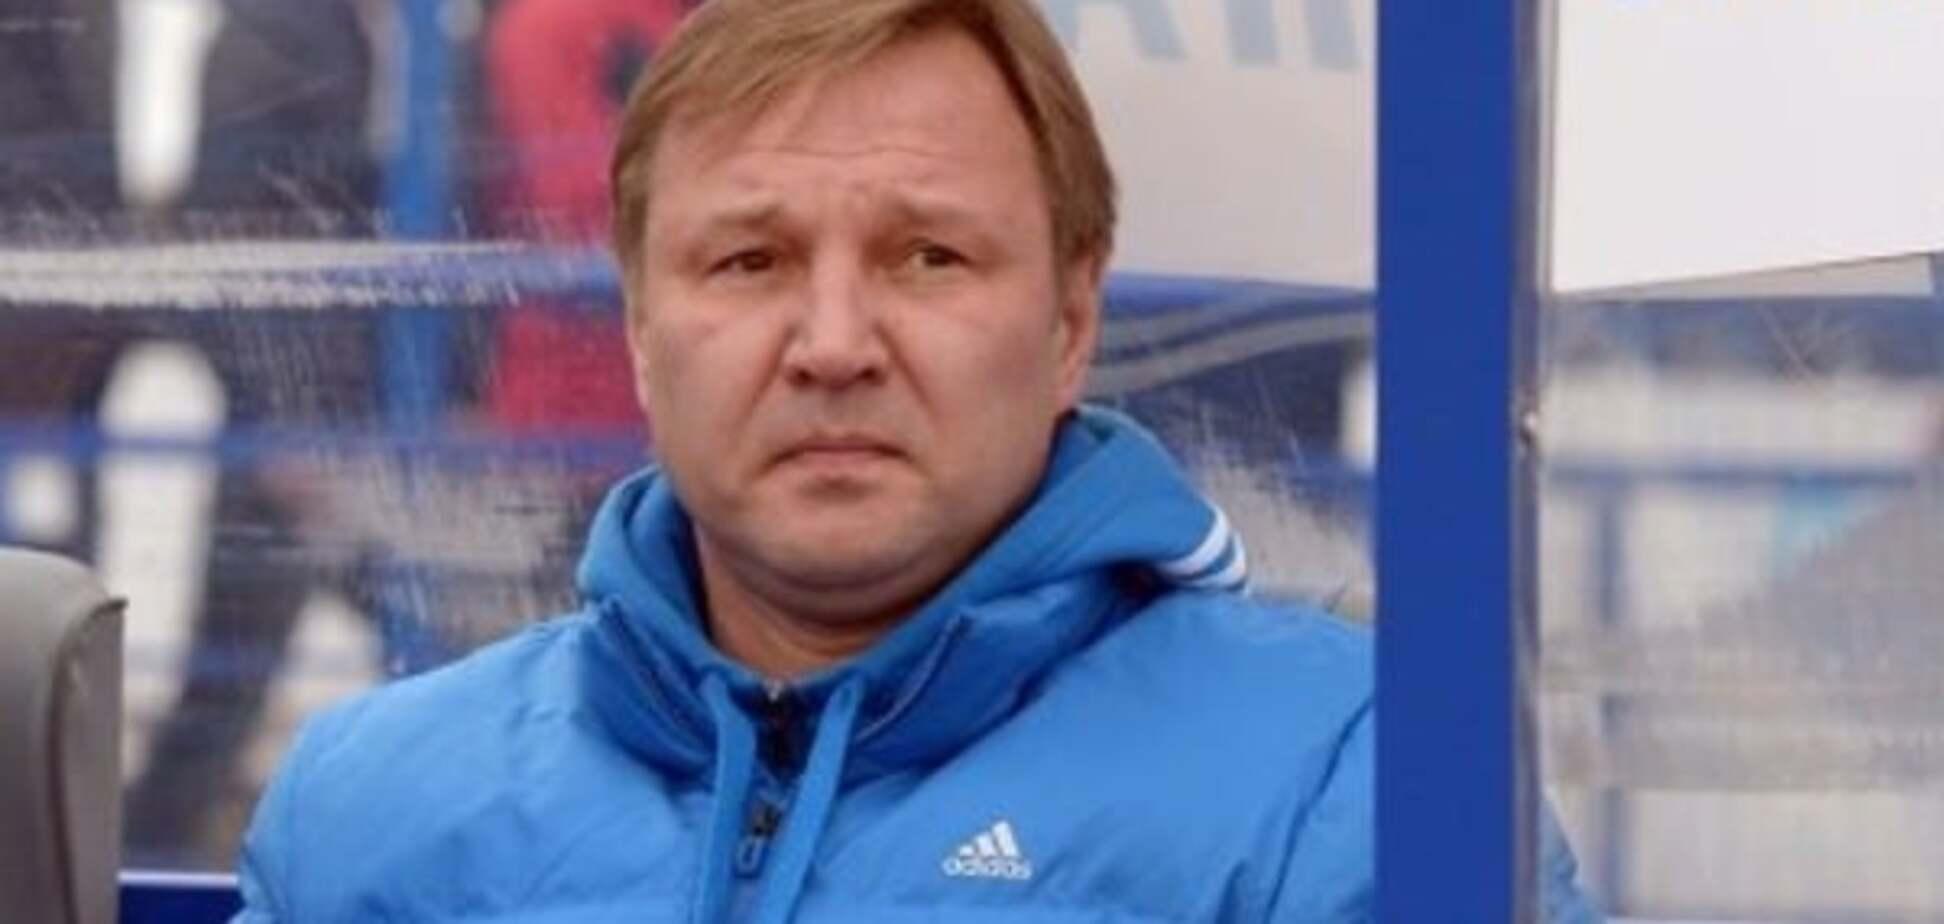 'Багато нісенітниці': легенда 'Динамо' розповів, як російська пропаганда вплинула на стосунки з батьками